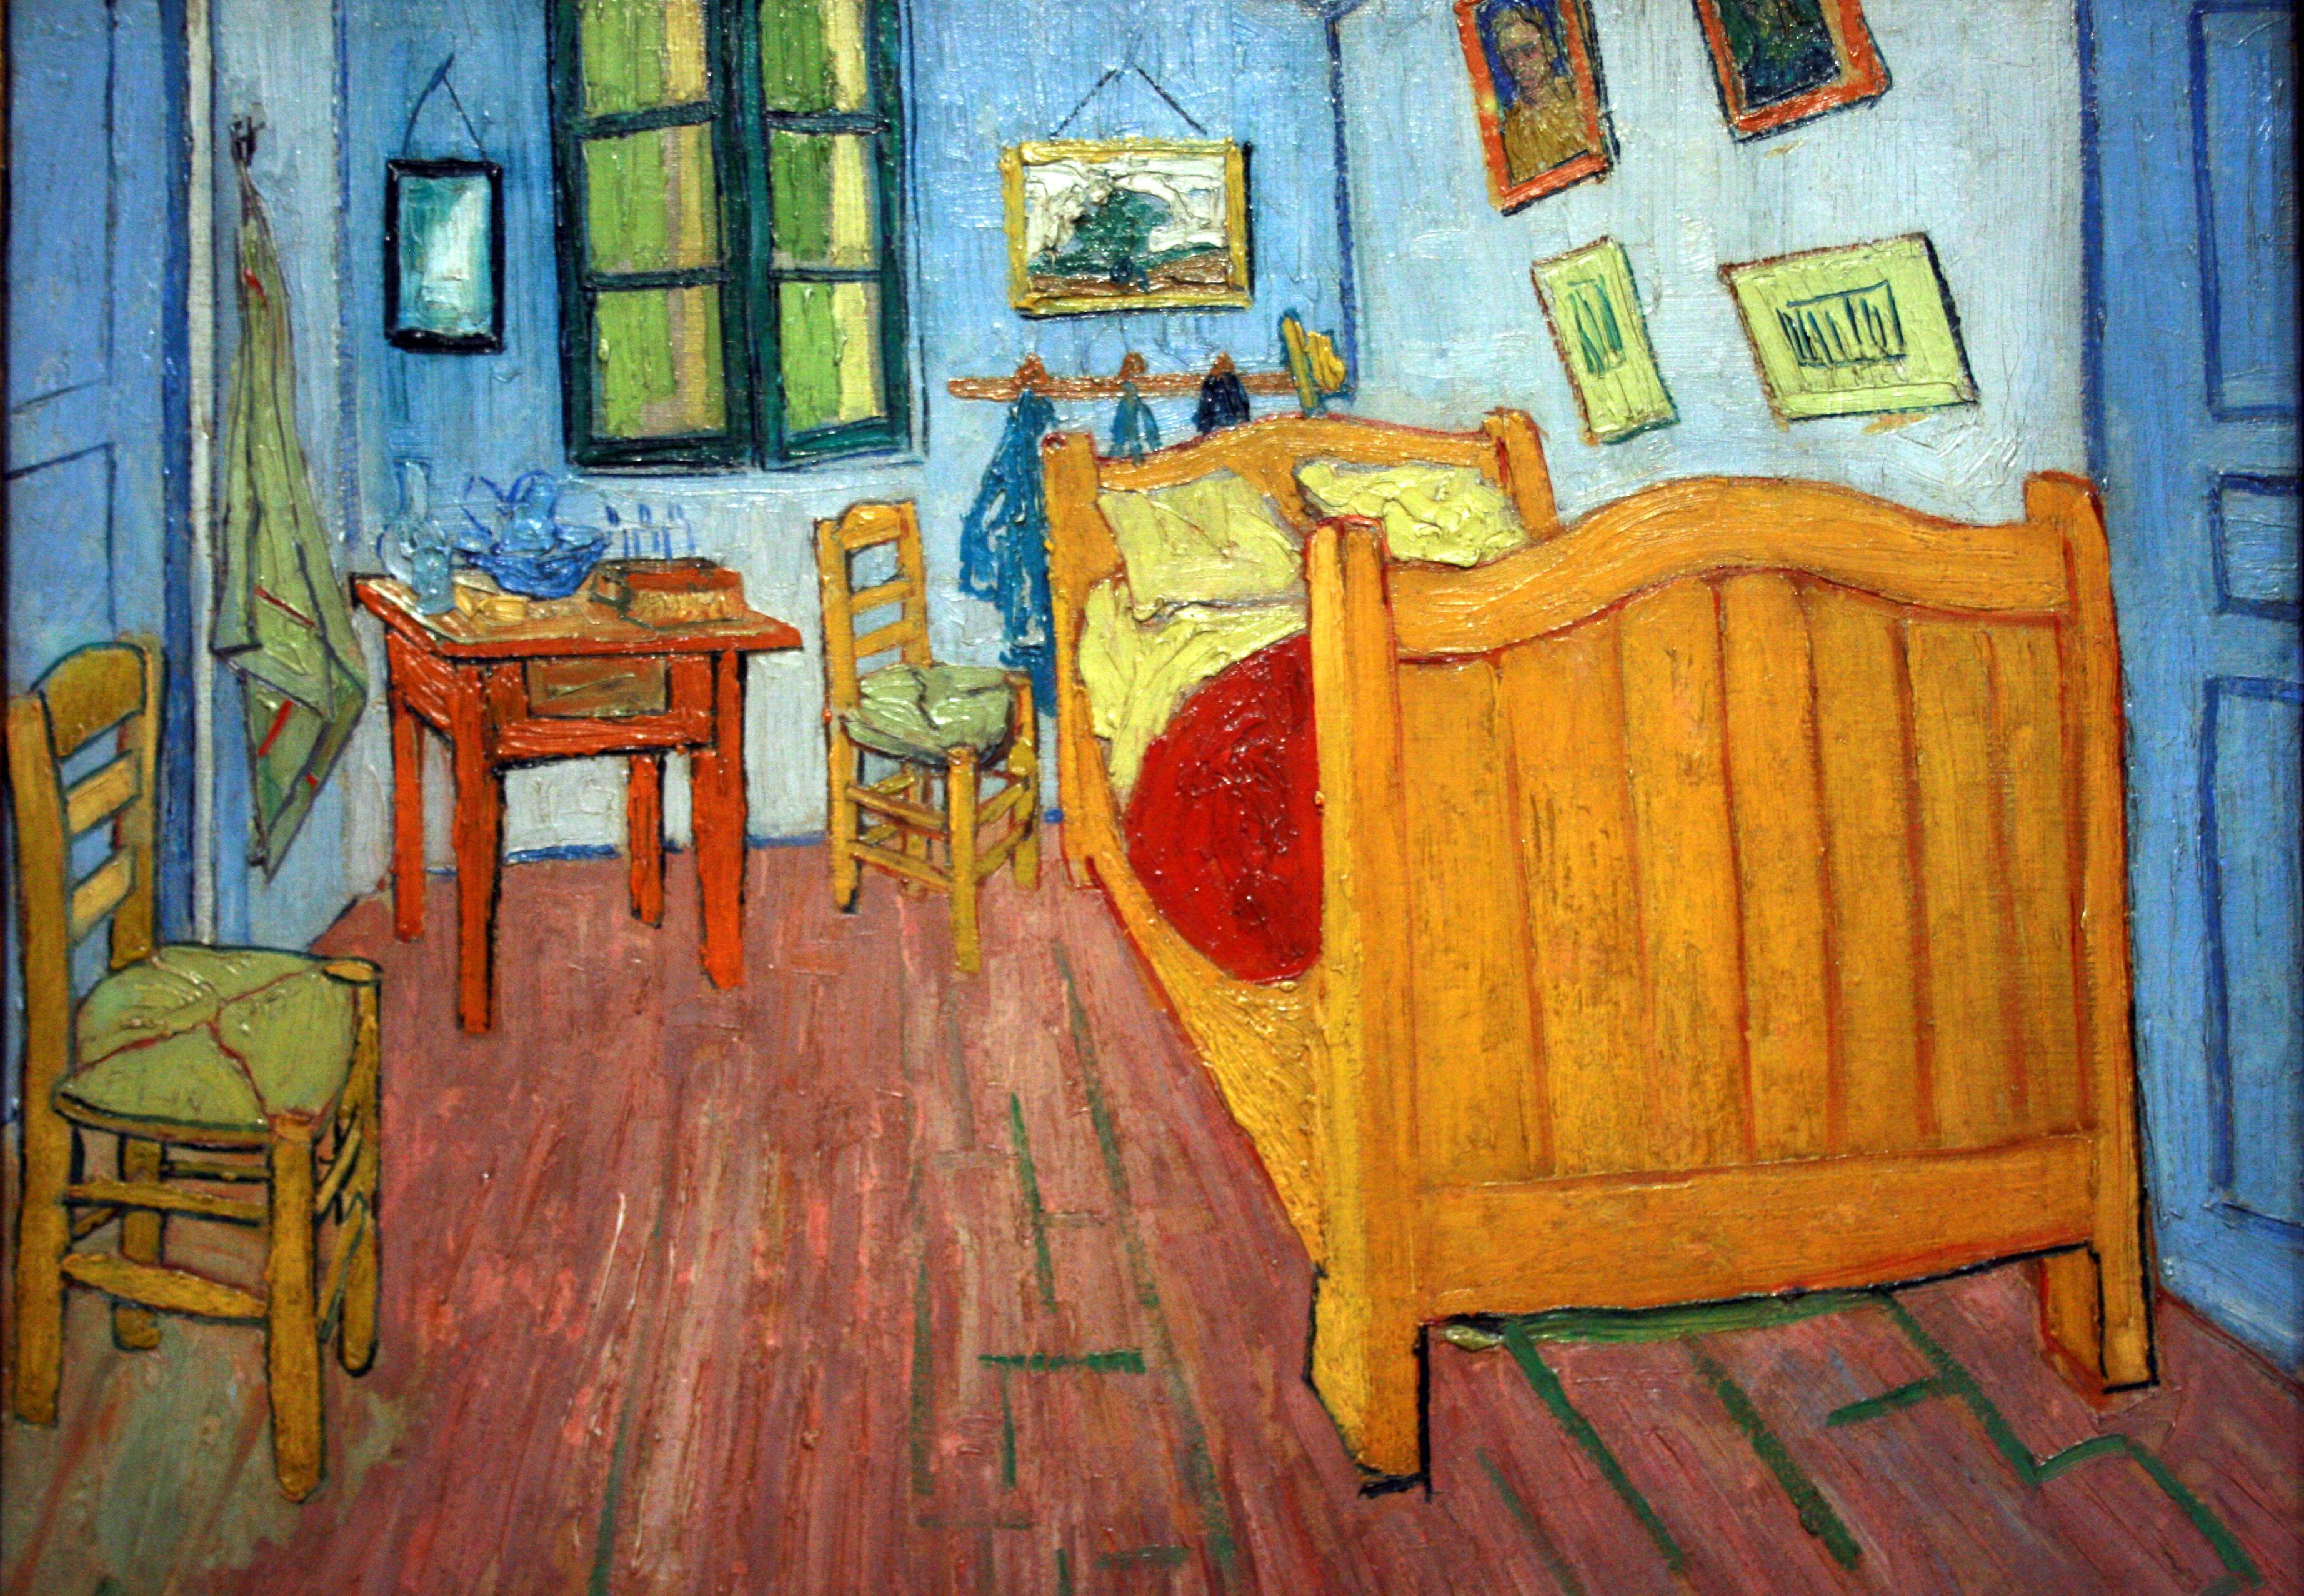 file:wlanl - techdiva 1.0 - de slaapkamer, vincent van gogh (1888, Deco ideeën